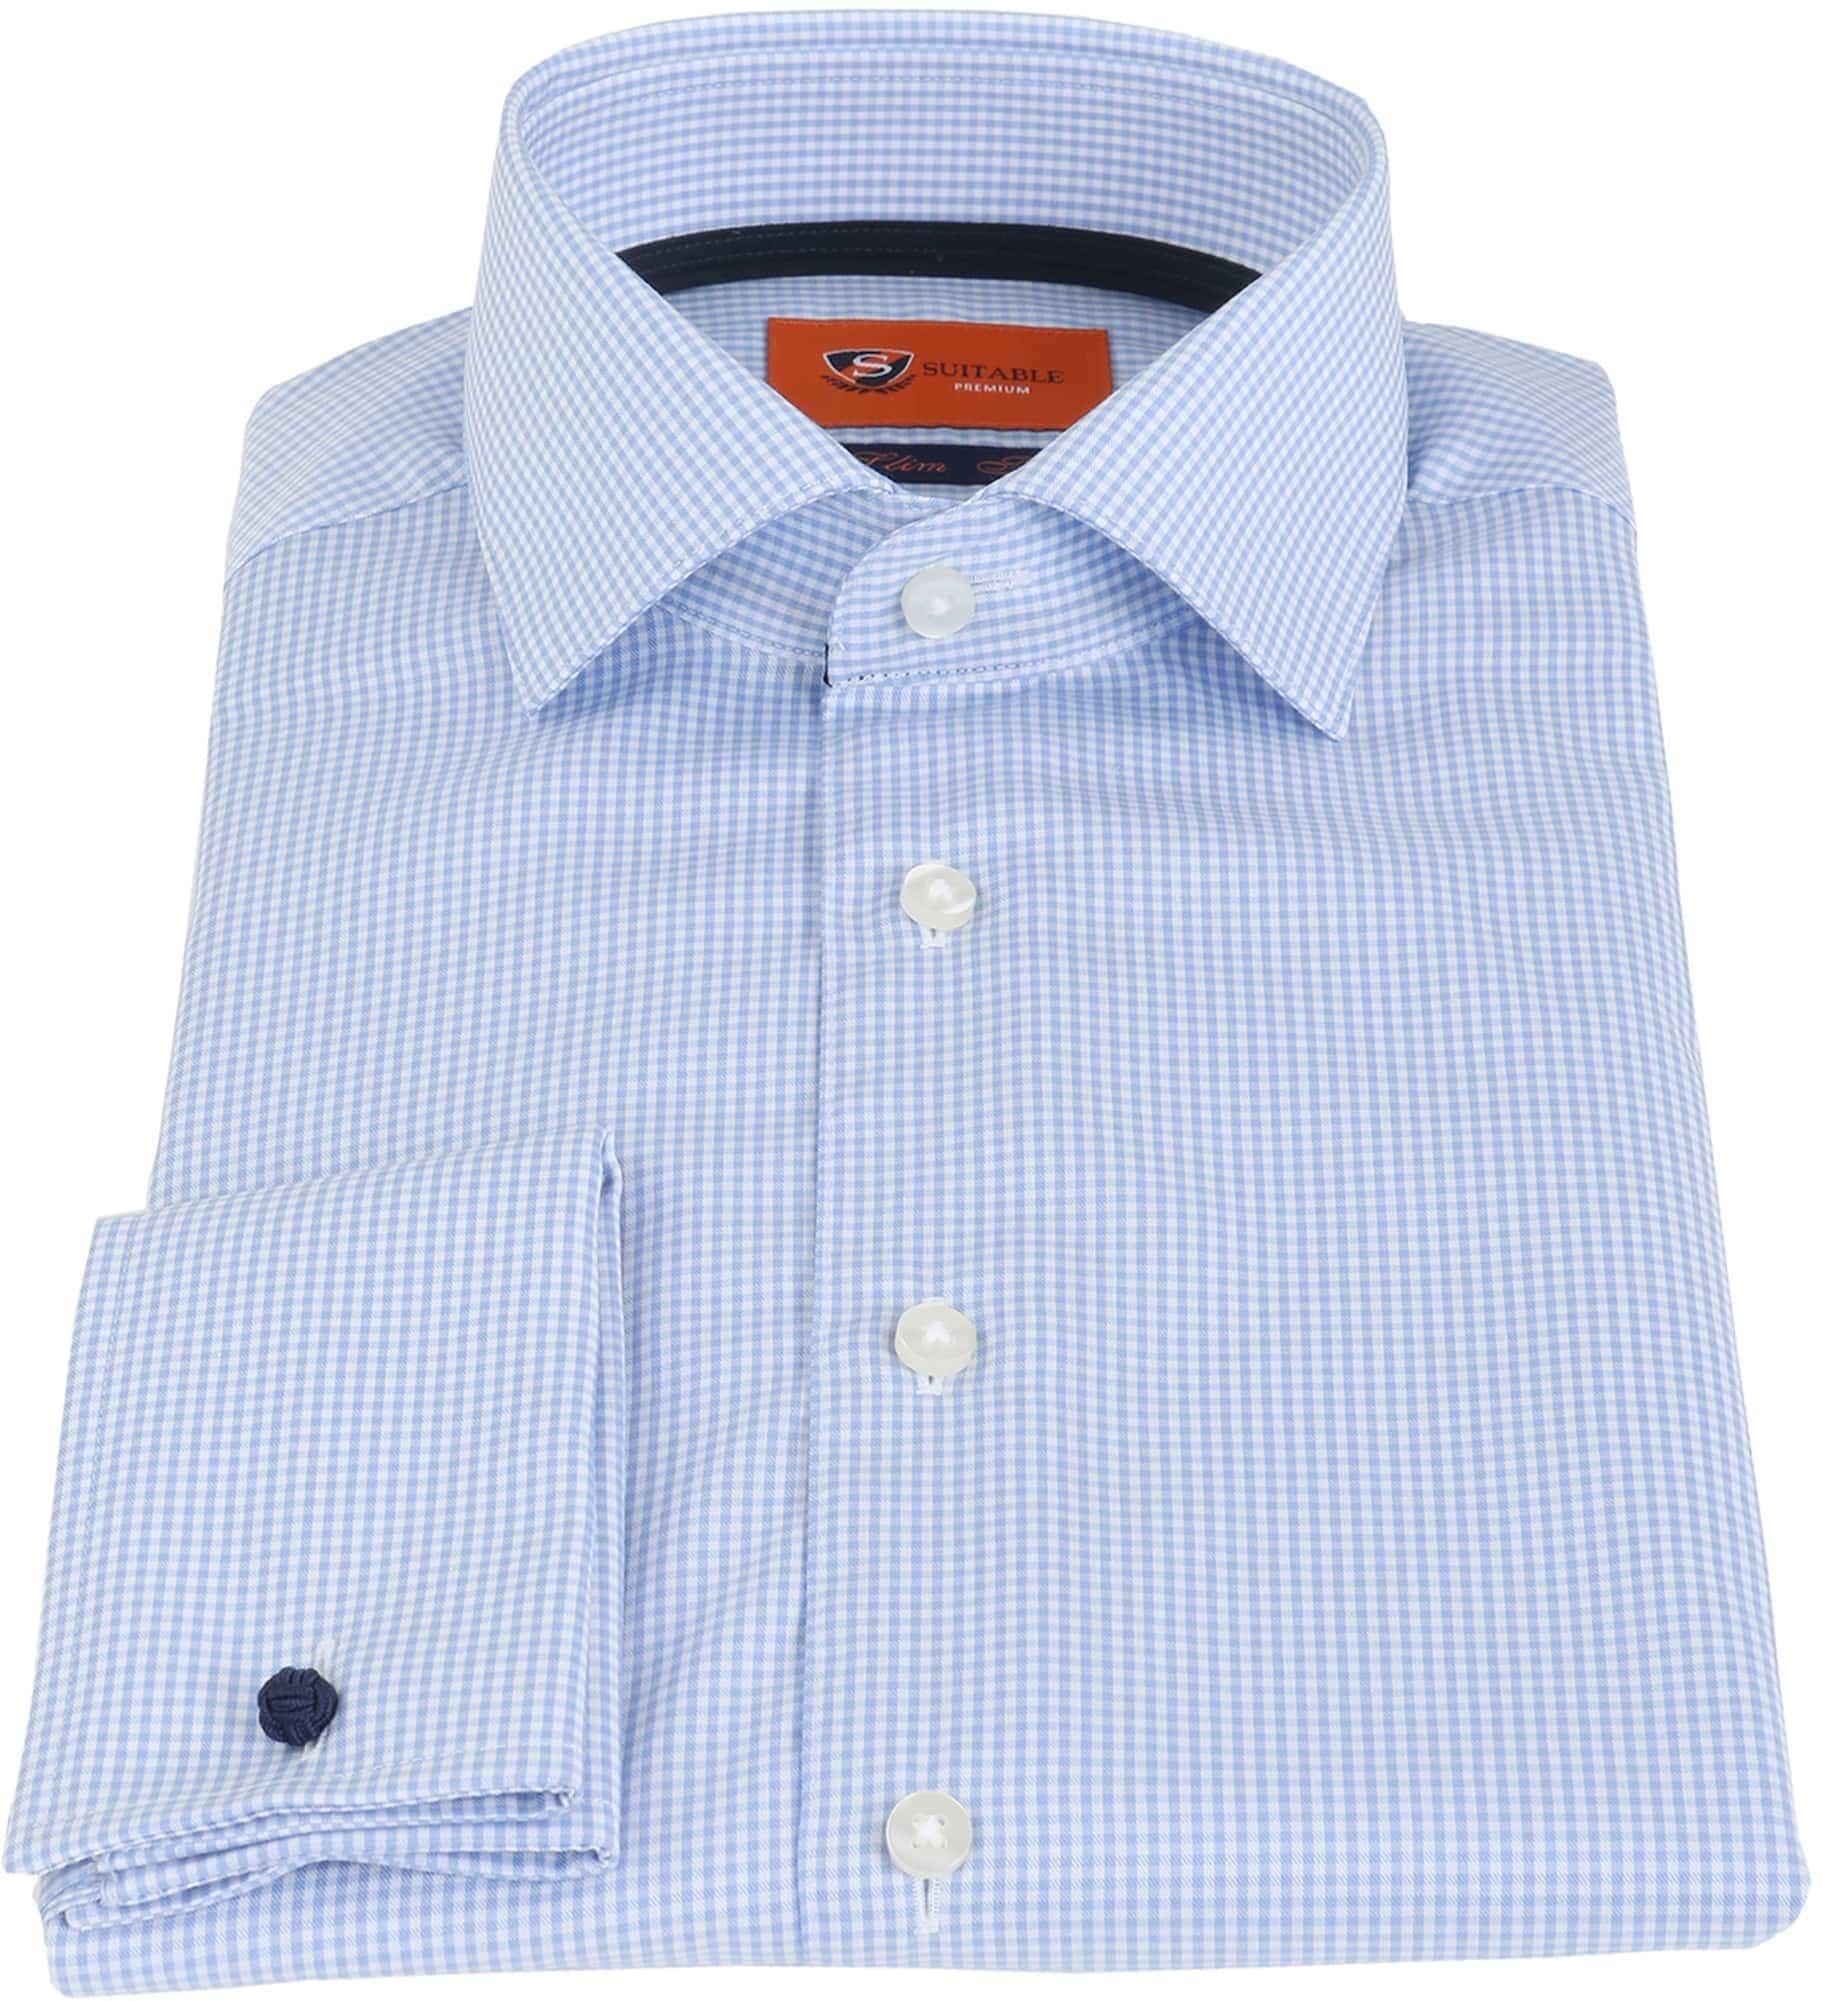 Suitable Overhemd Blauw Ruit foto 2